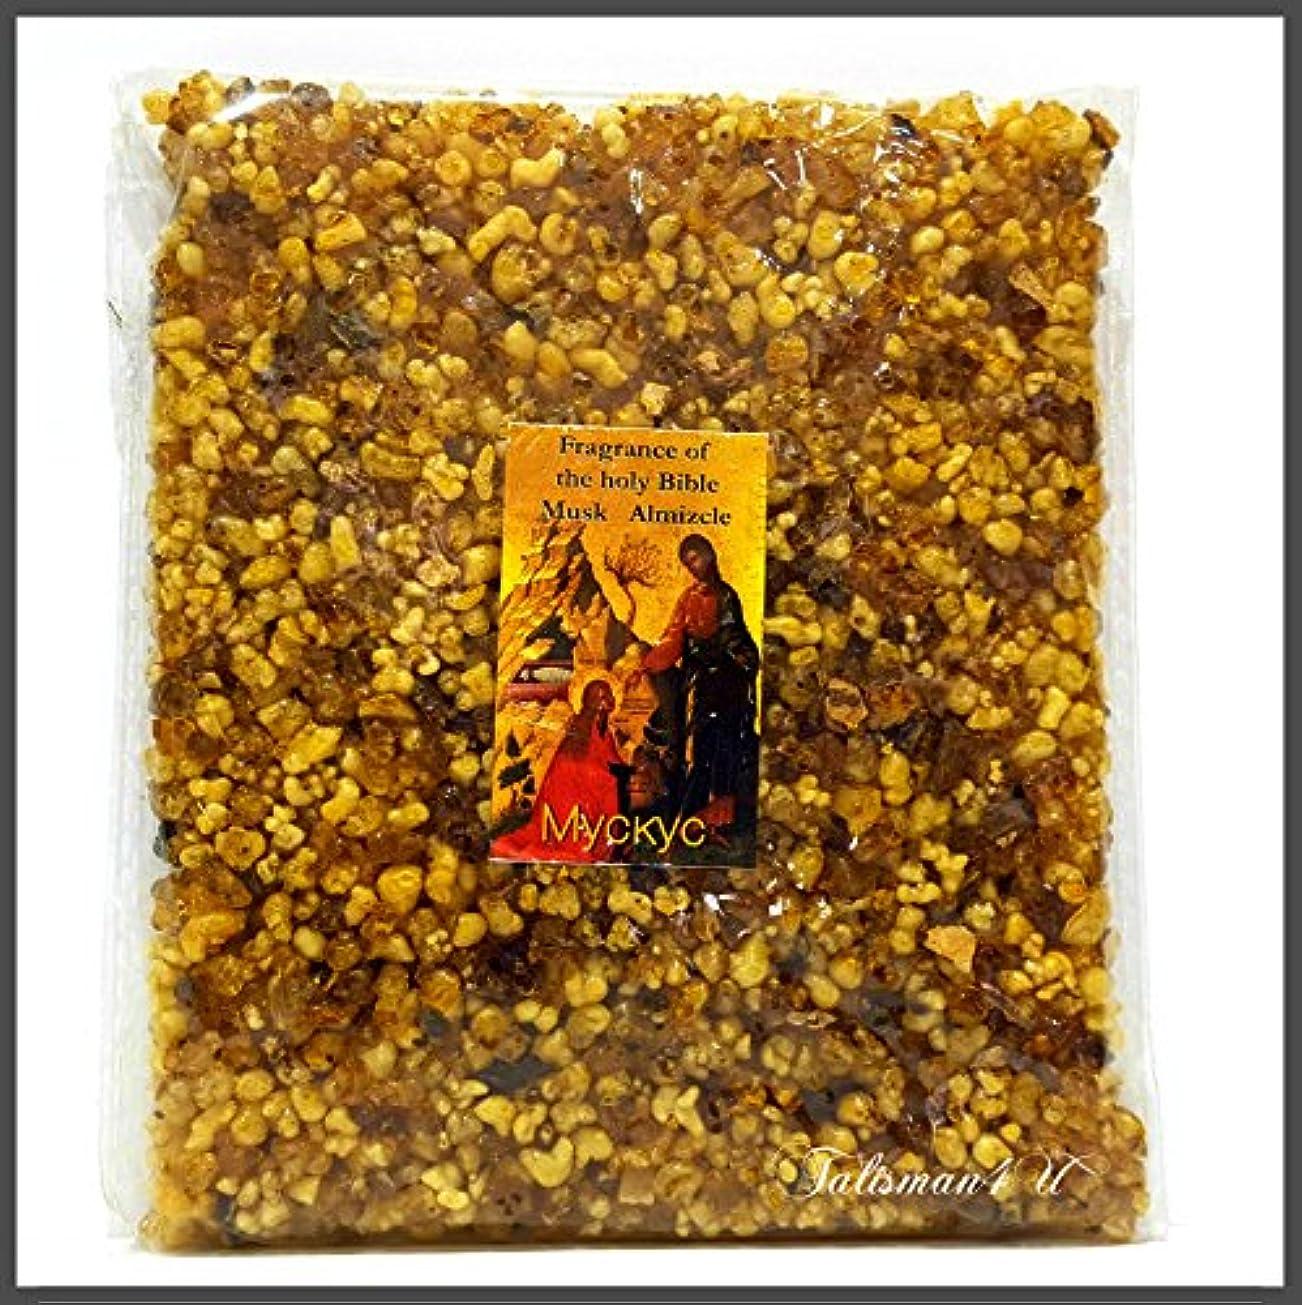 ムスクエルサレムIncense樹脂Aromatic Almizcle Frankincense of the Holy Land 3.5 Oz/100 g